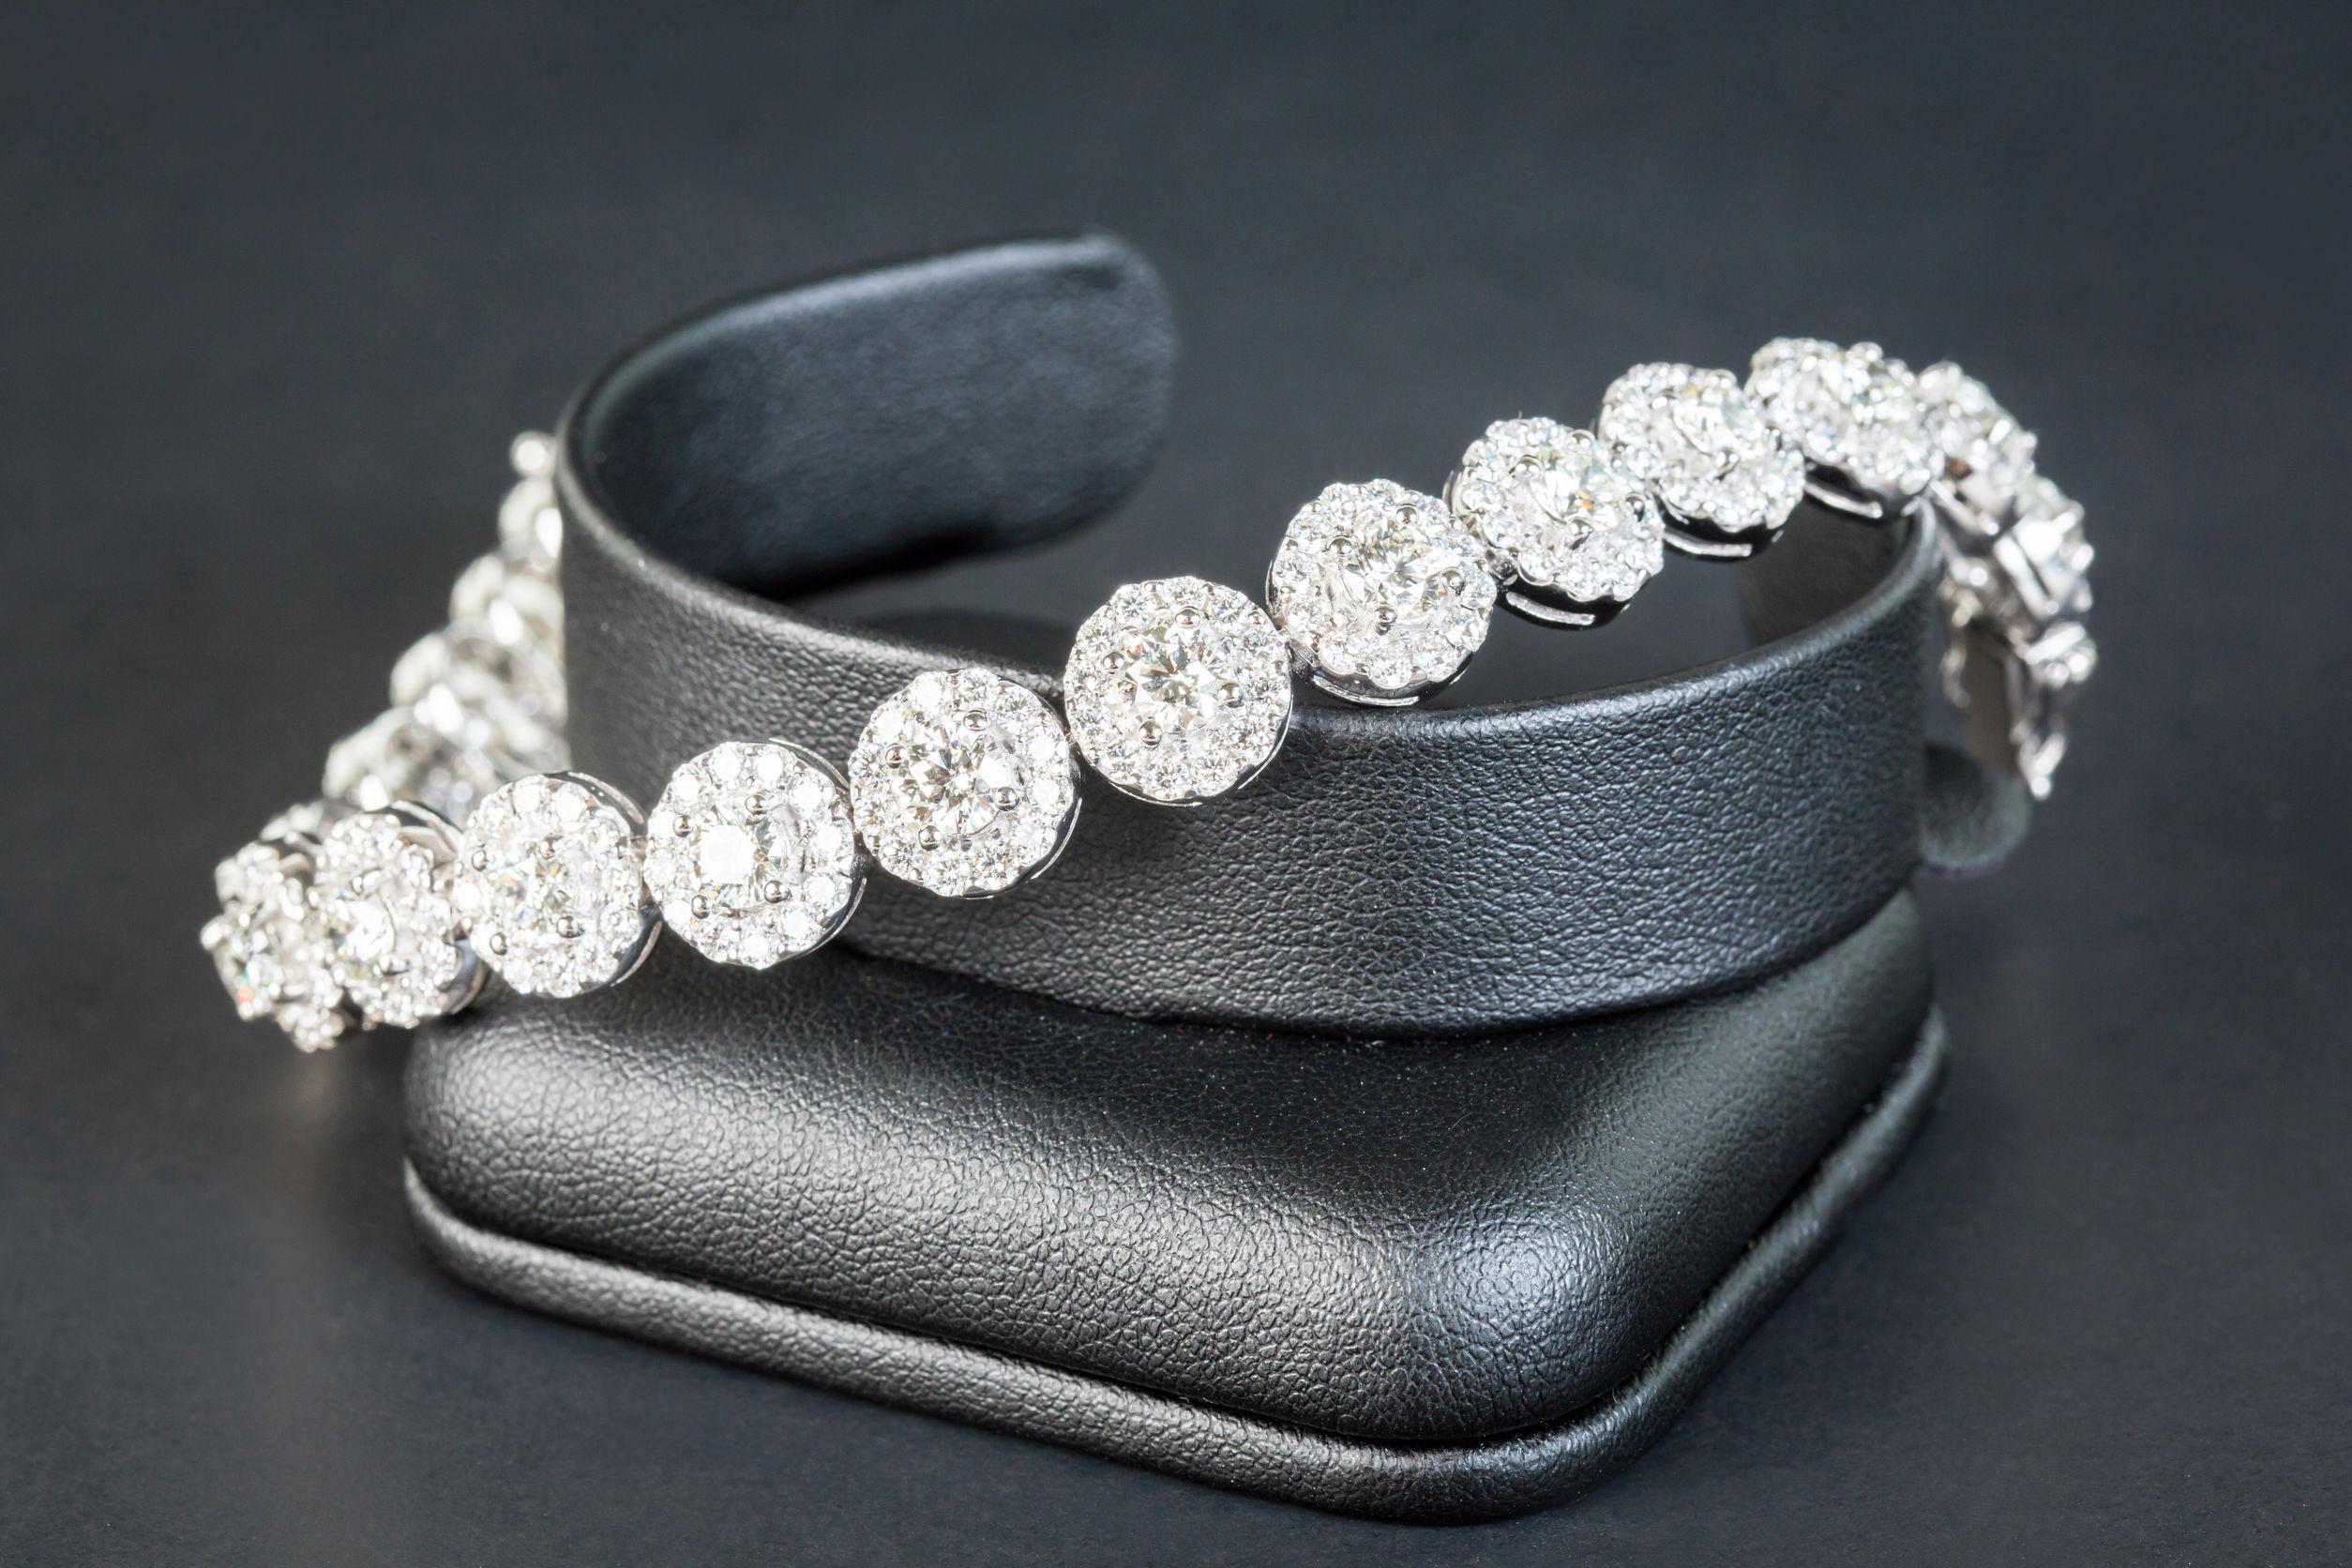 Saco de joias com berloques sobre superfície de madeira